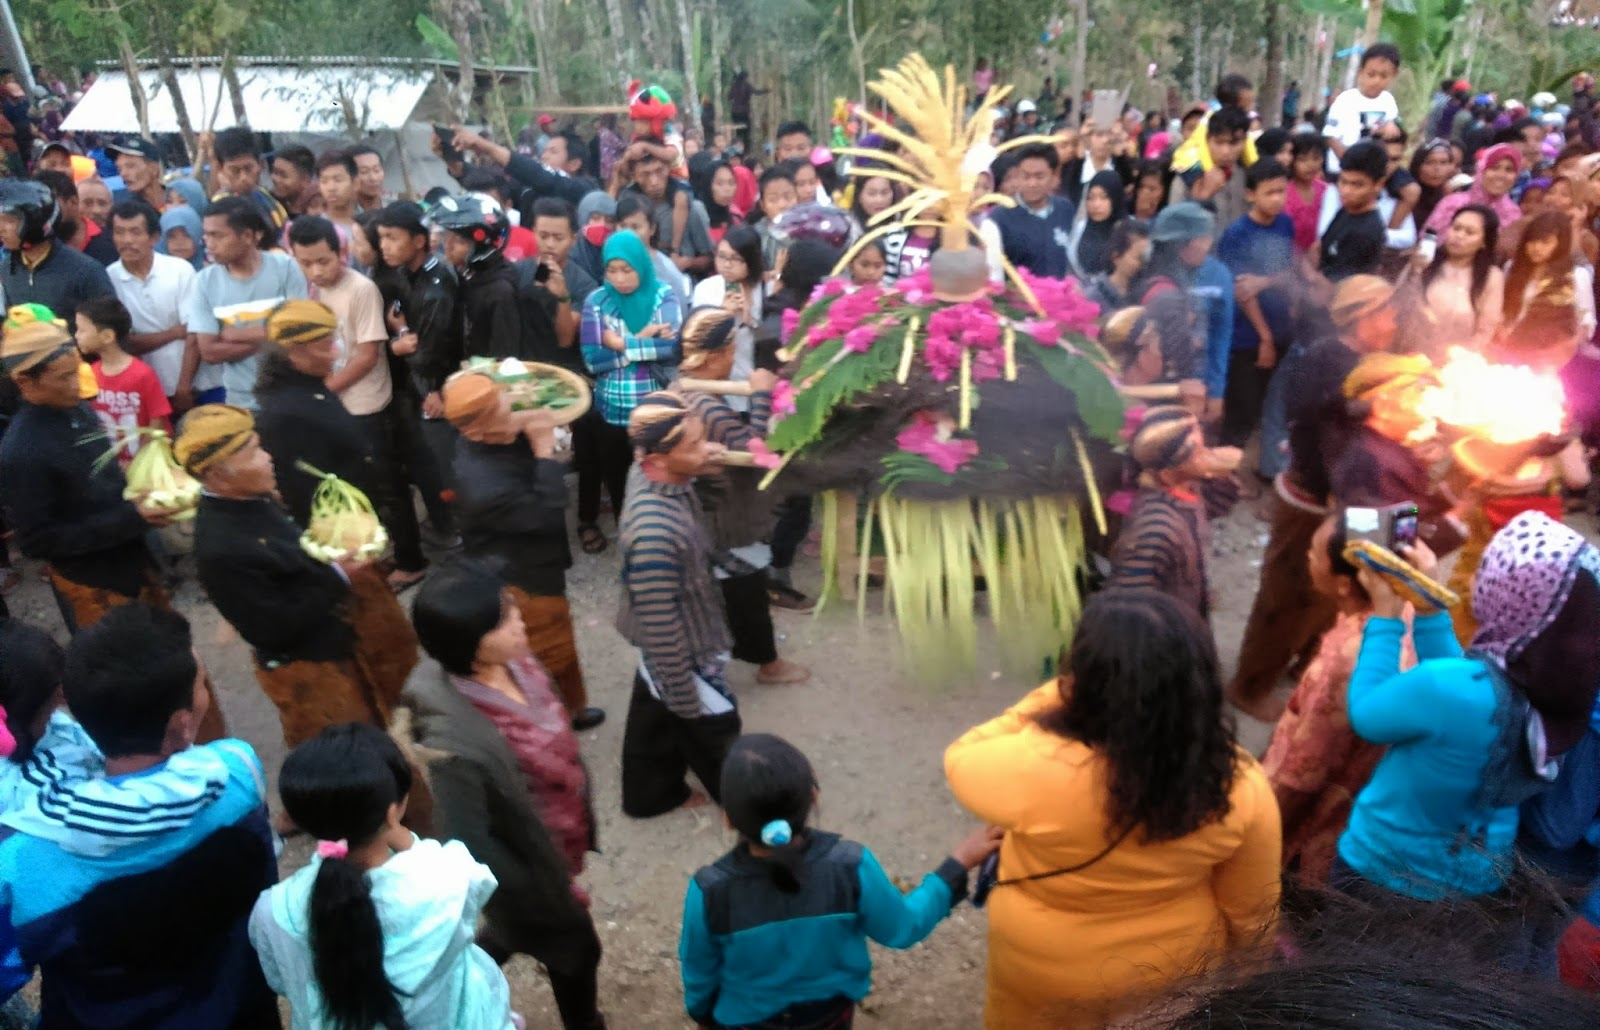 Upacara Tradisional Desa Sekar Kec.Donorojo